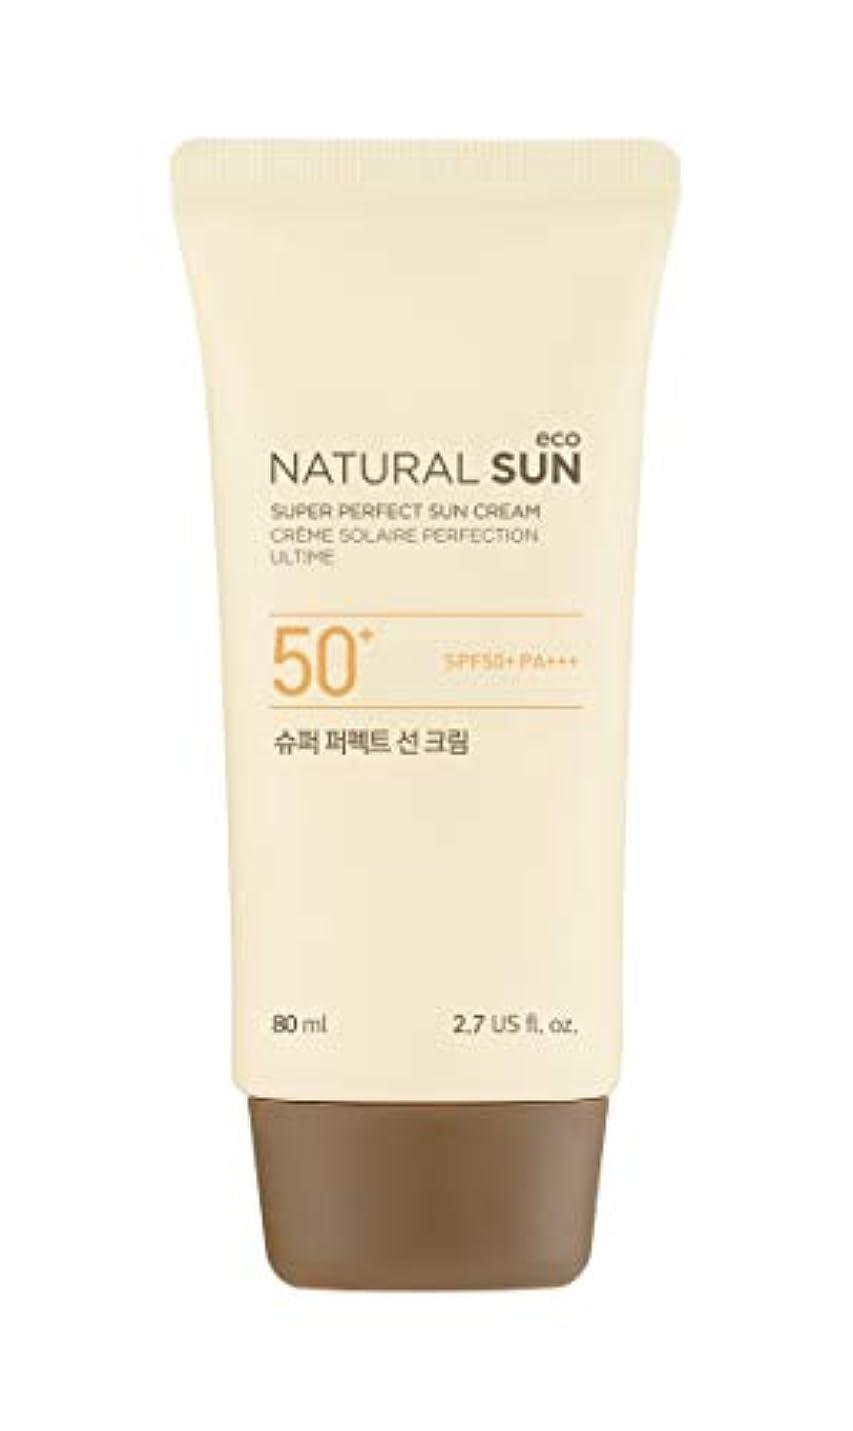 有名人グロー効果的に[ザ?フェイスショップ] THE FACE SHOP [スーパー パーフェクト サンクリーム  80ml] (NSE Super Perfect Sun Cream SPF50+ PA+++ 80ml) [海外直送品]